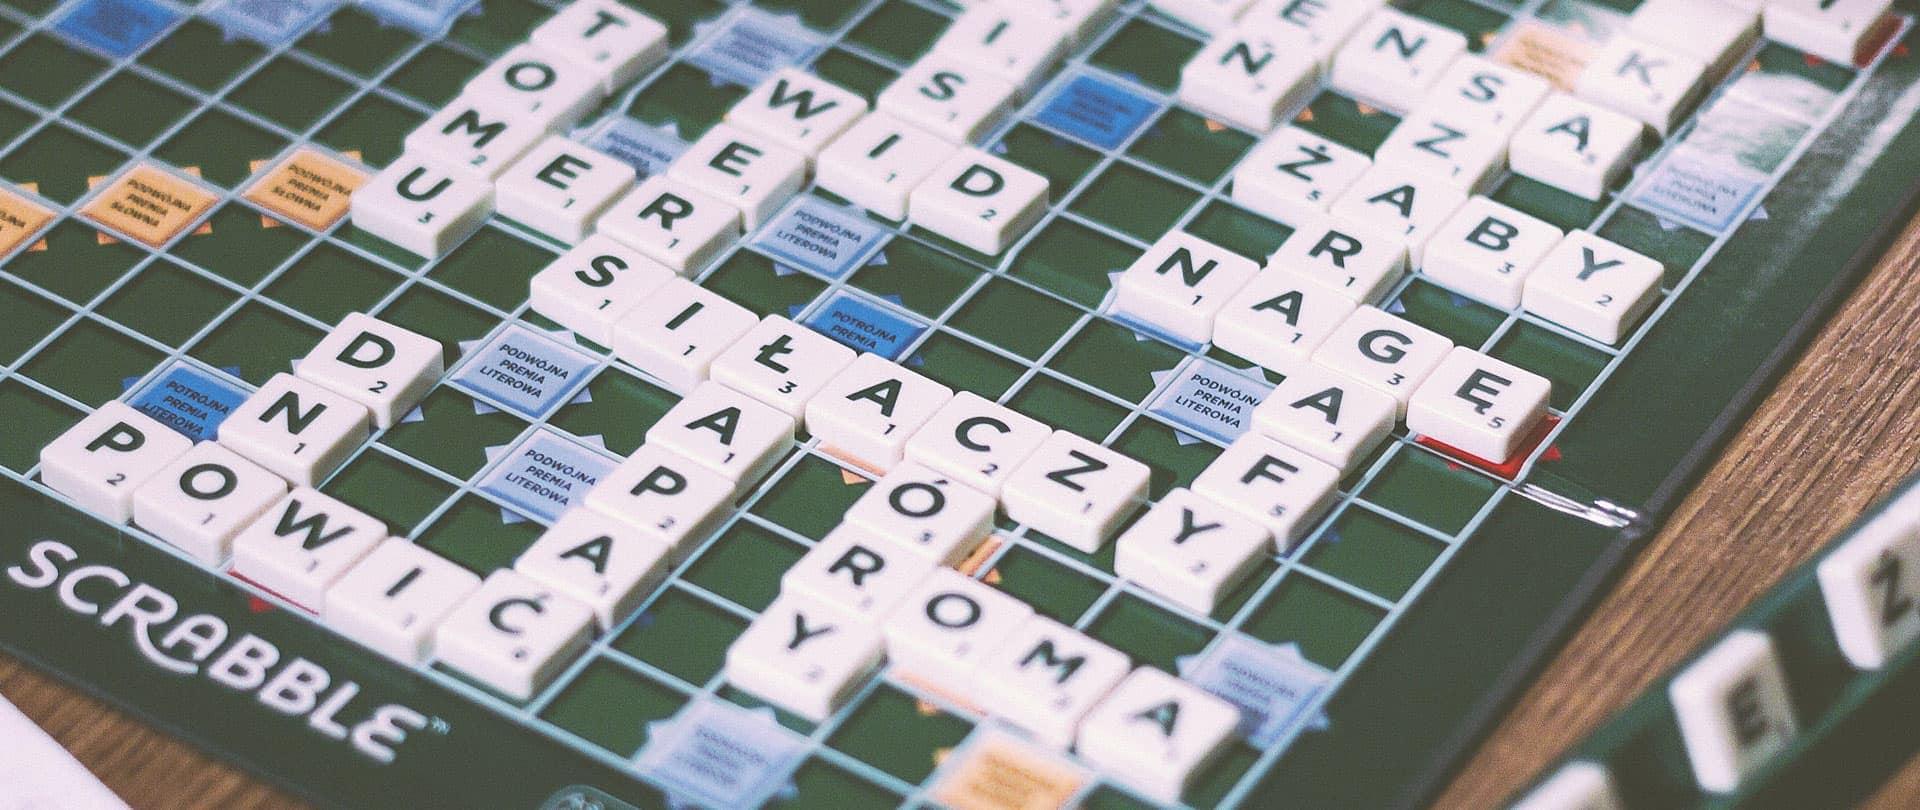 Wie du das richtige Keyword für deinen nächsten Artikel wählst